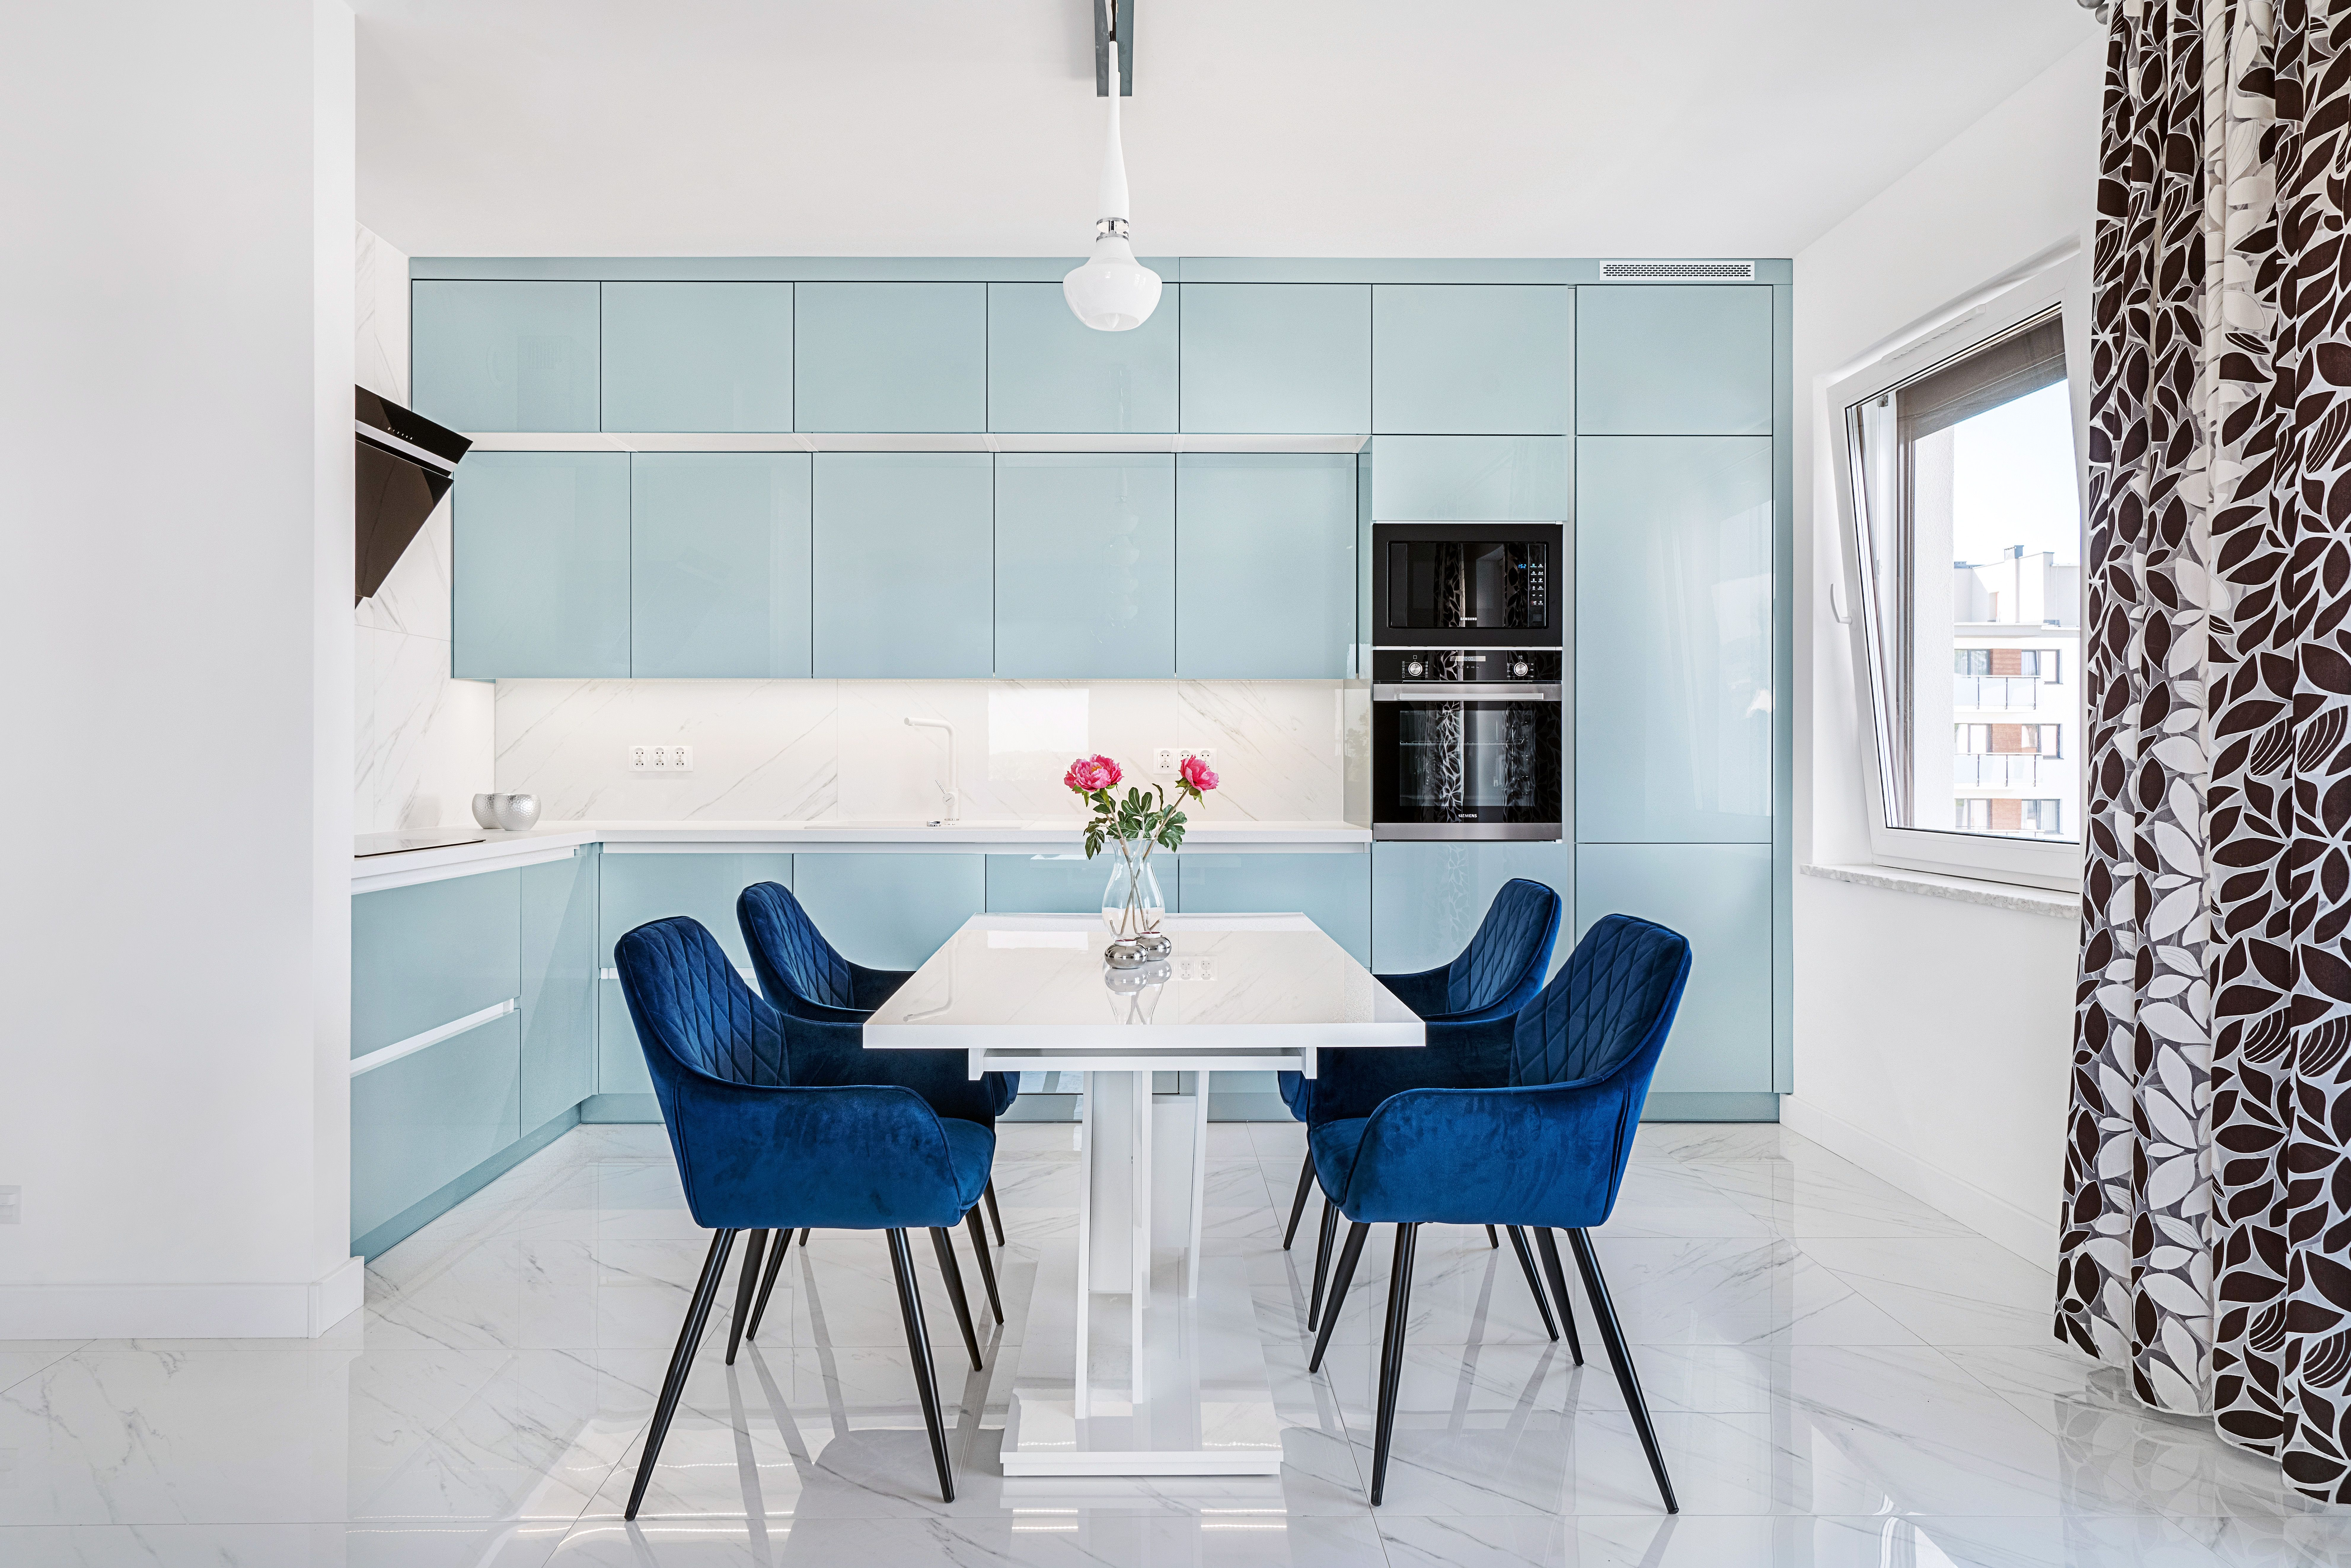 Nieoczywisty Kolor W Polaczeniu Z Prosta Forma Tworzy Przestrzen Niebanalna A Zarazem Bardzo Przyjemna W Odbiorze Wizualnym Kuchnia Home Decor Furniture Home